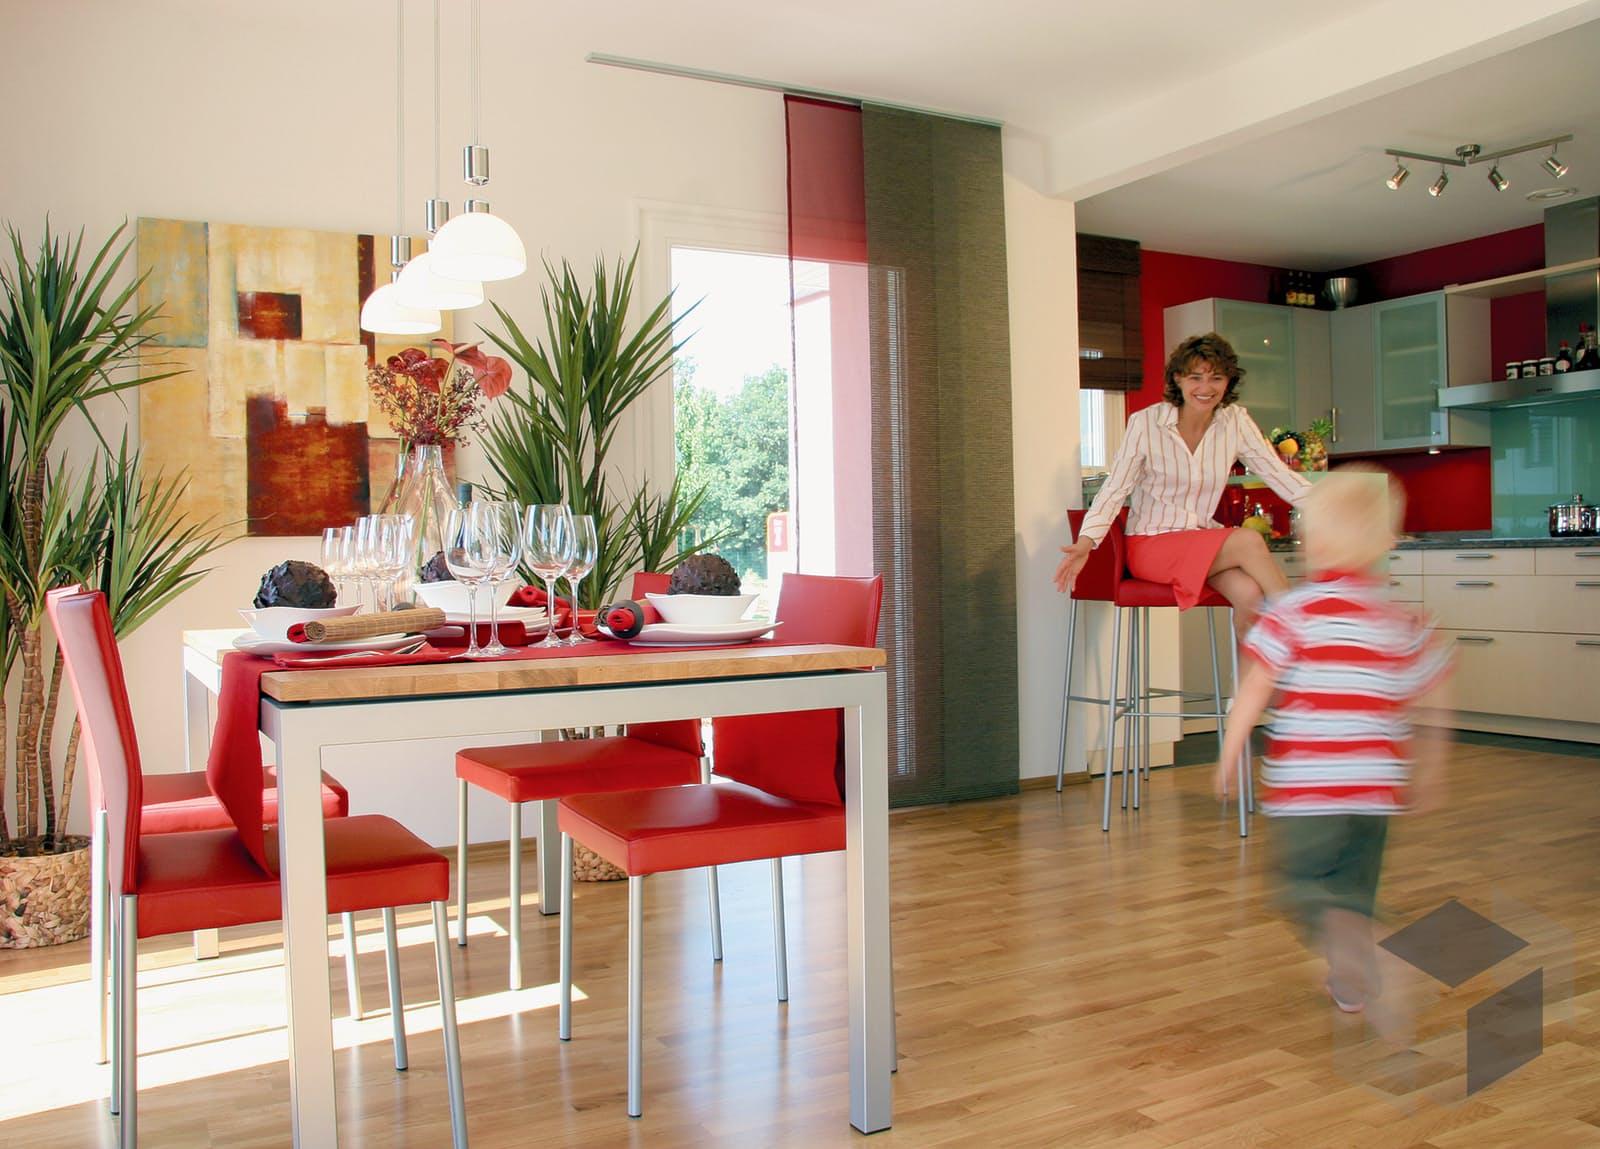 ausstellungshaus hannover von weberhaus komplette daten bersicht. Black Bedroom Furniture Sets. Home Design Ideas